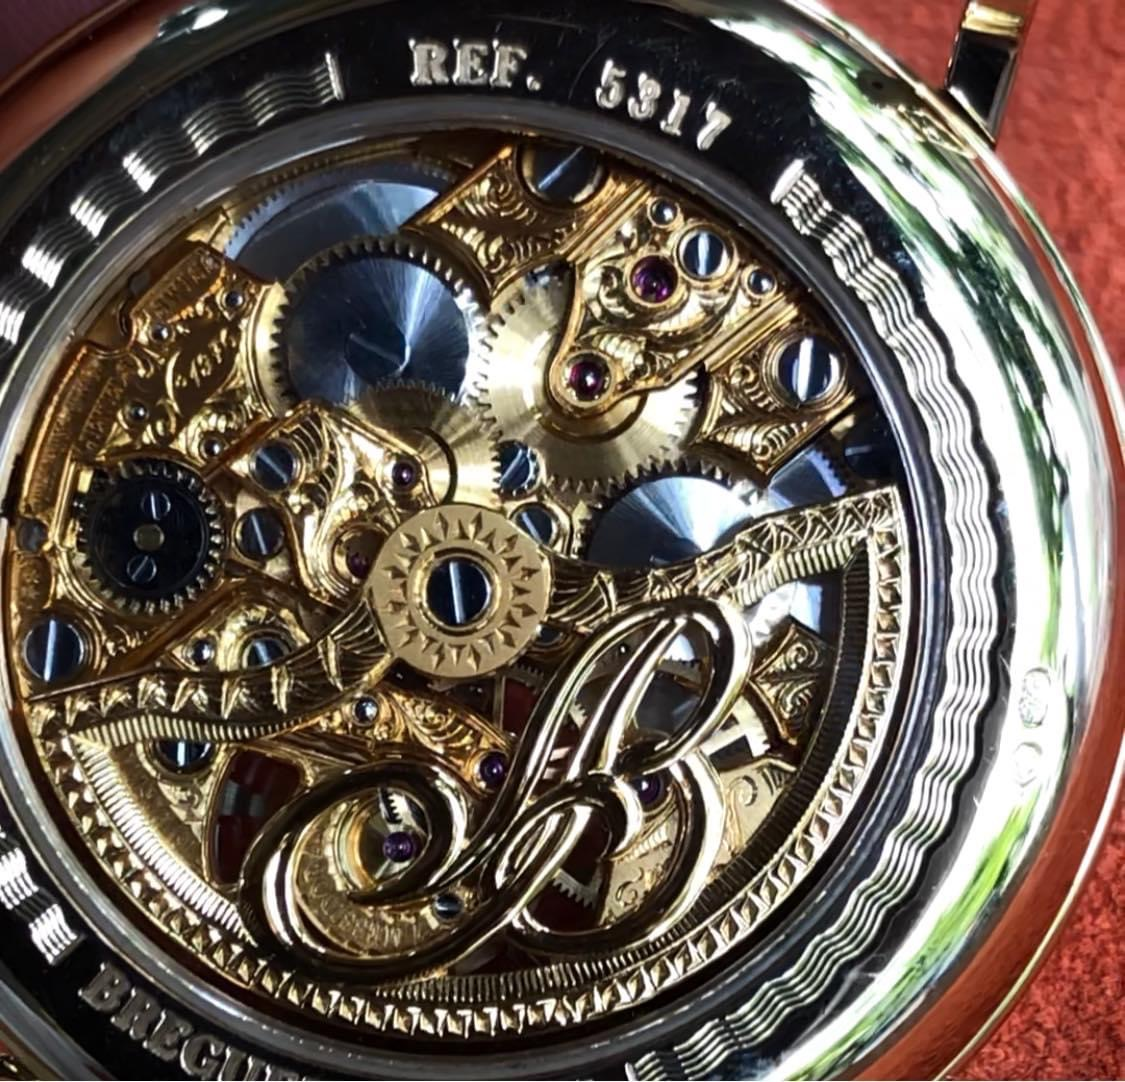 Đồng hồ Breguet Five Days 5317 Tourbillon